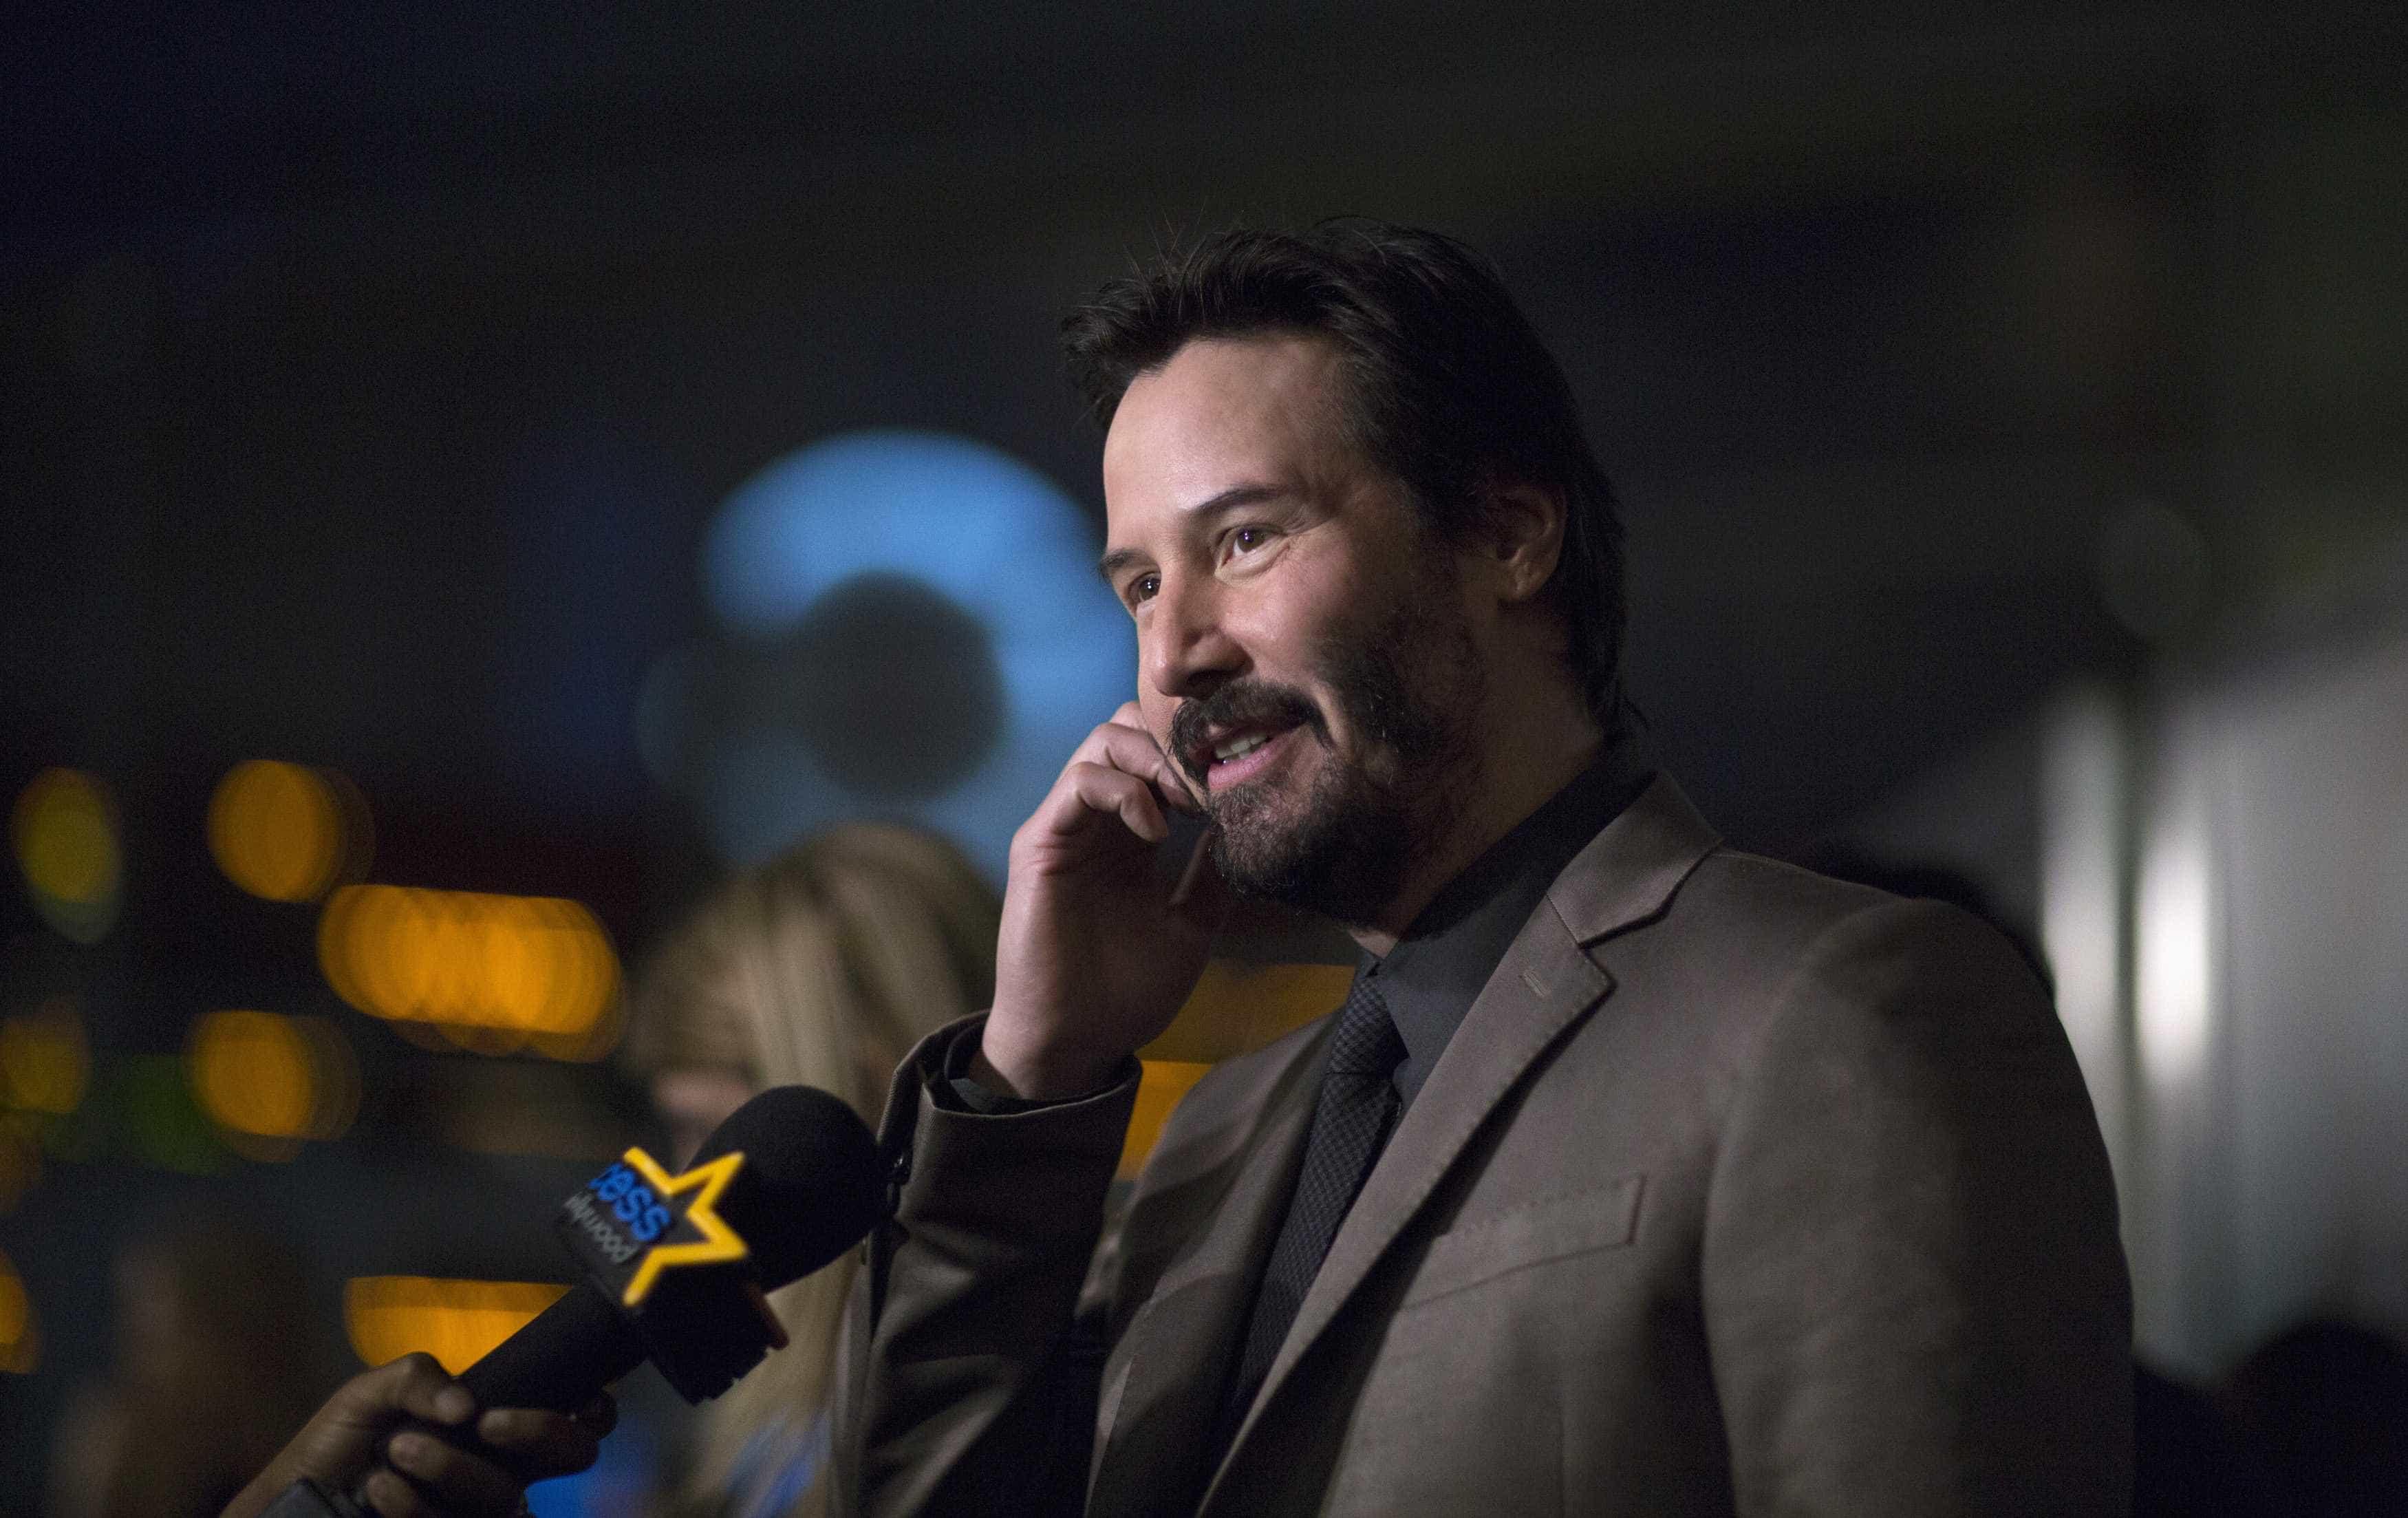 Após aterragem de emergência, Keanu Reeves anima dia de passageiros